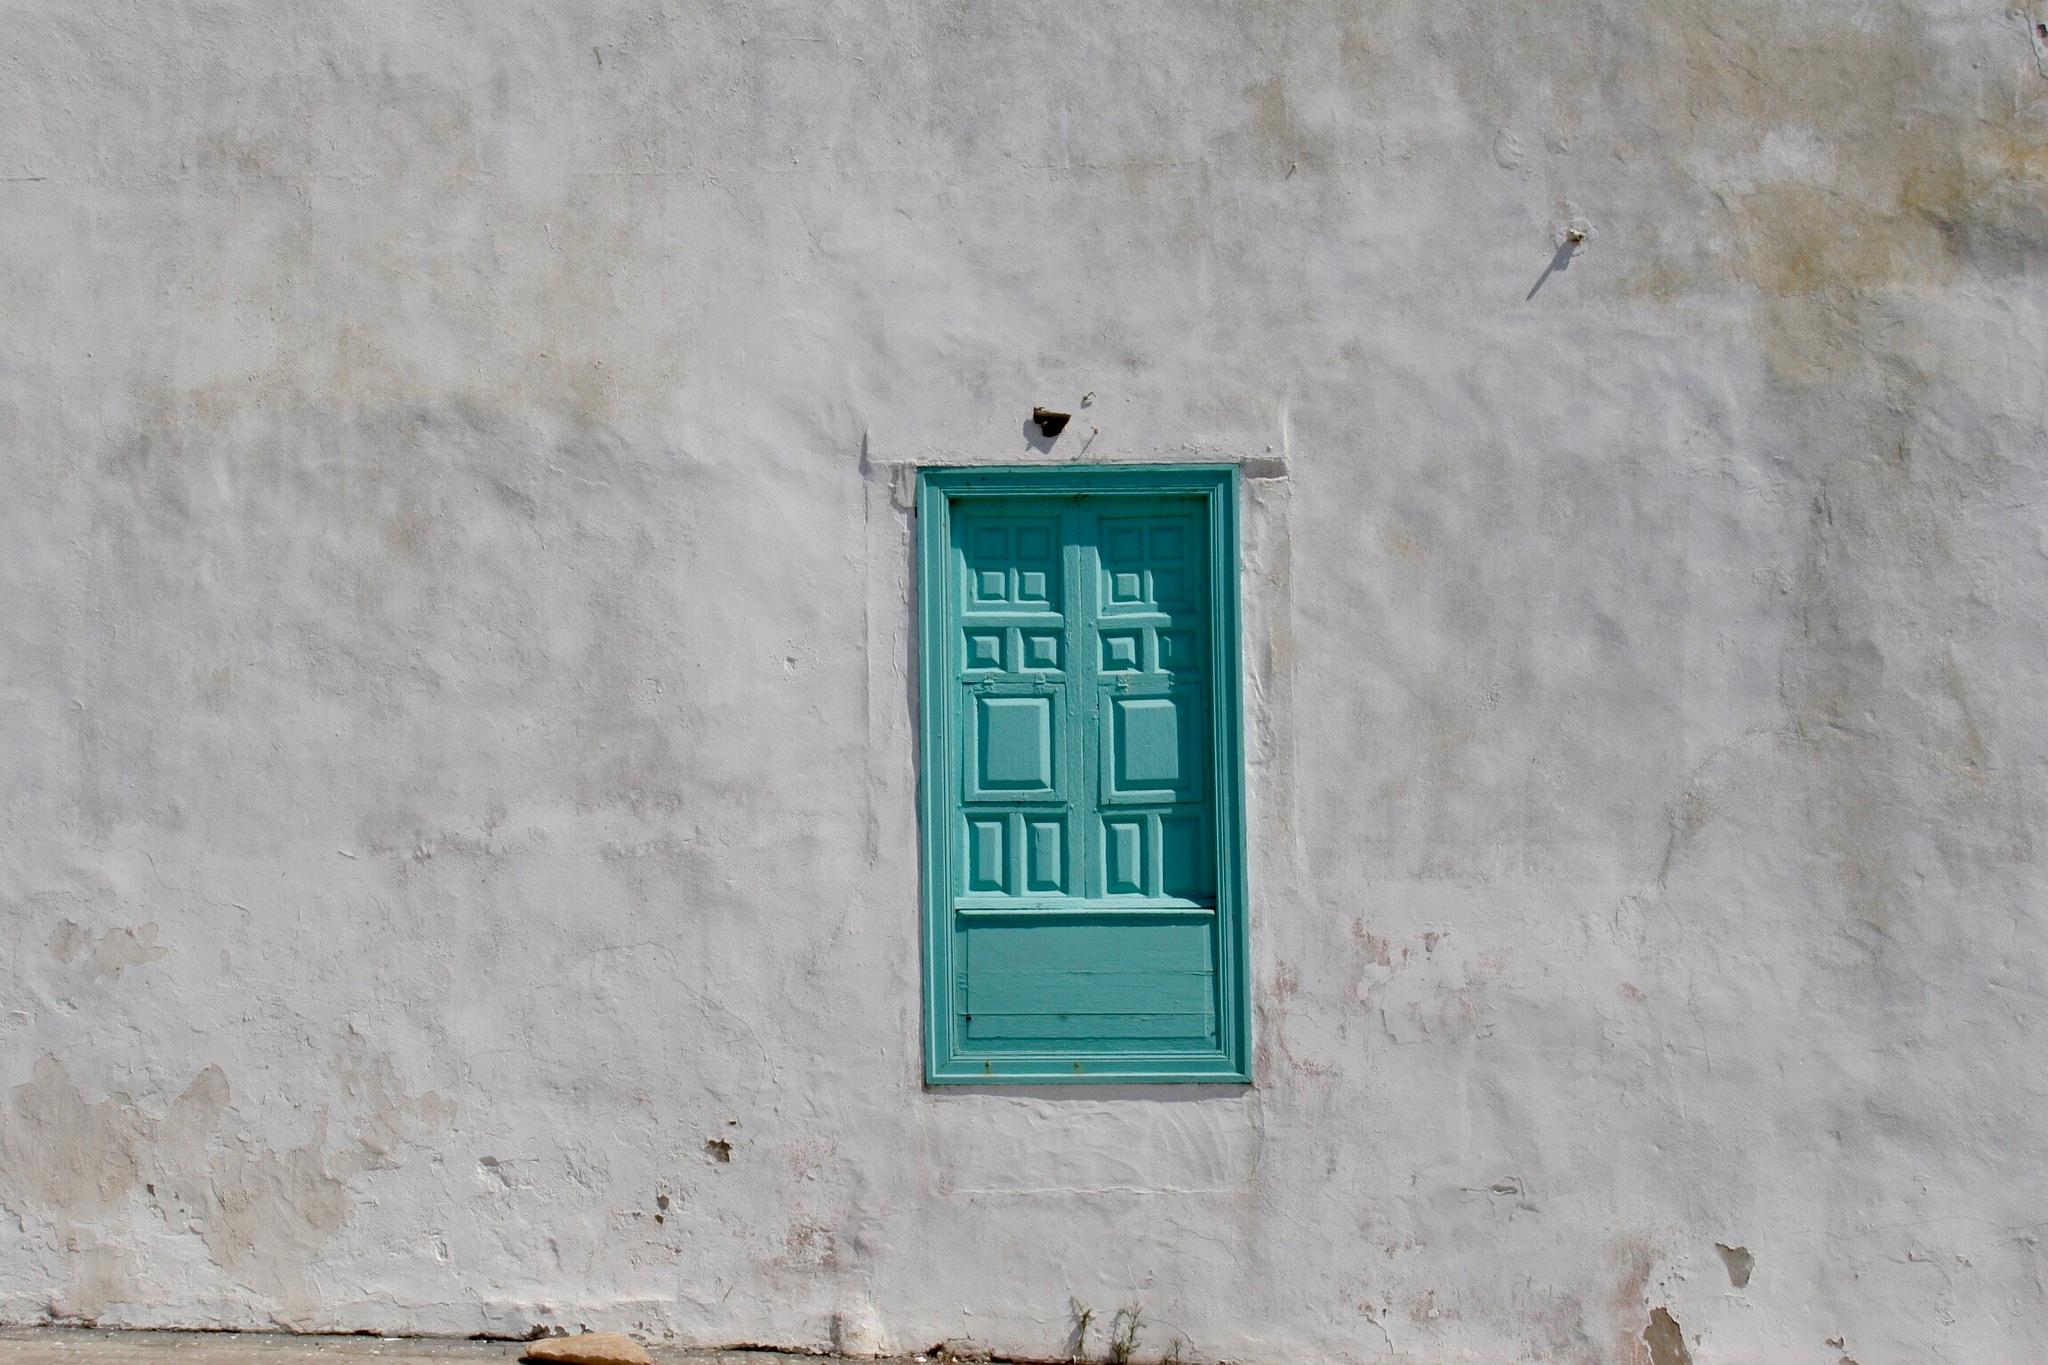 Lanzarote by Francisco Sá da Bandeira